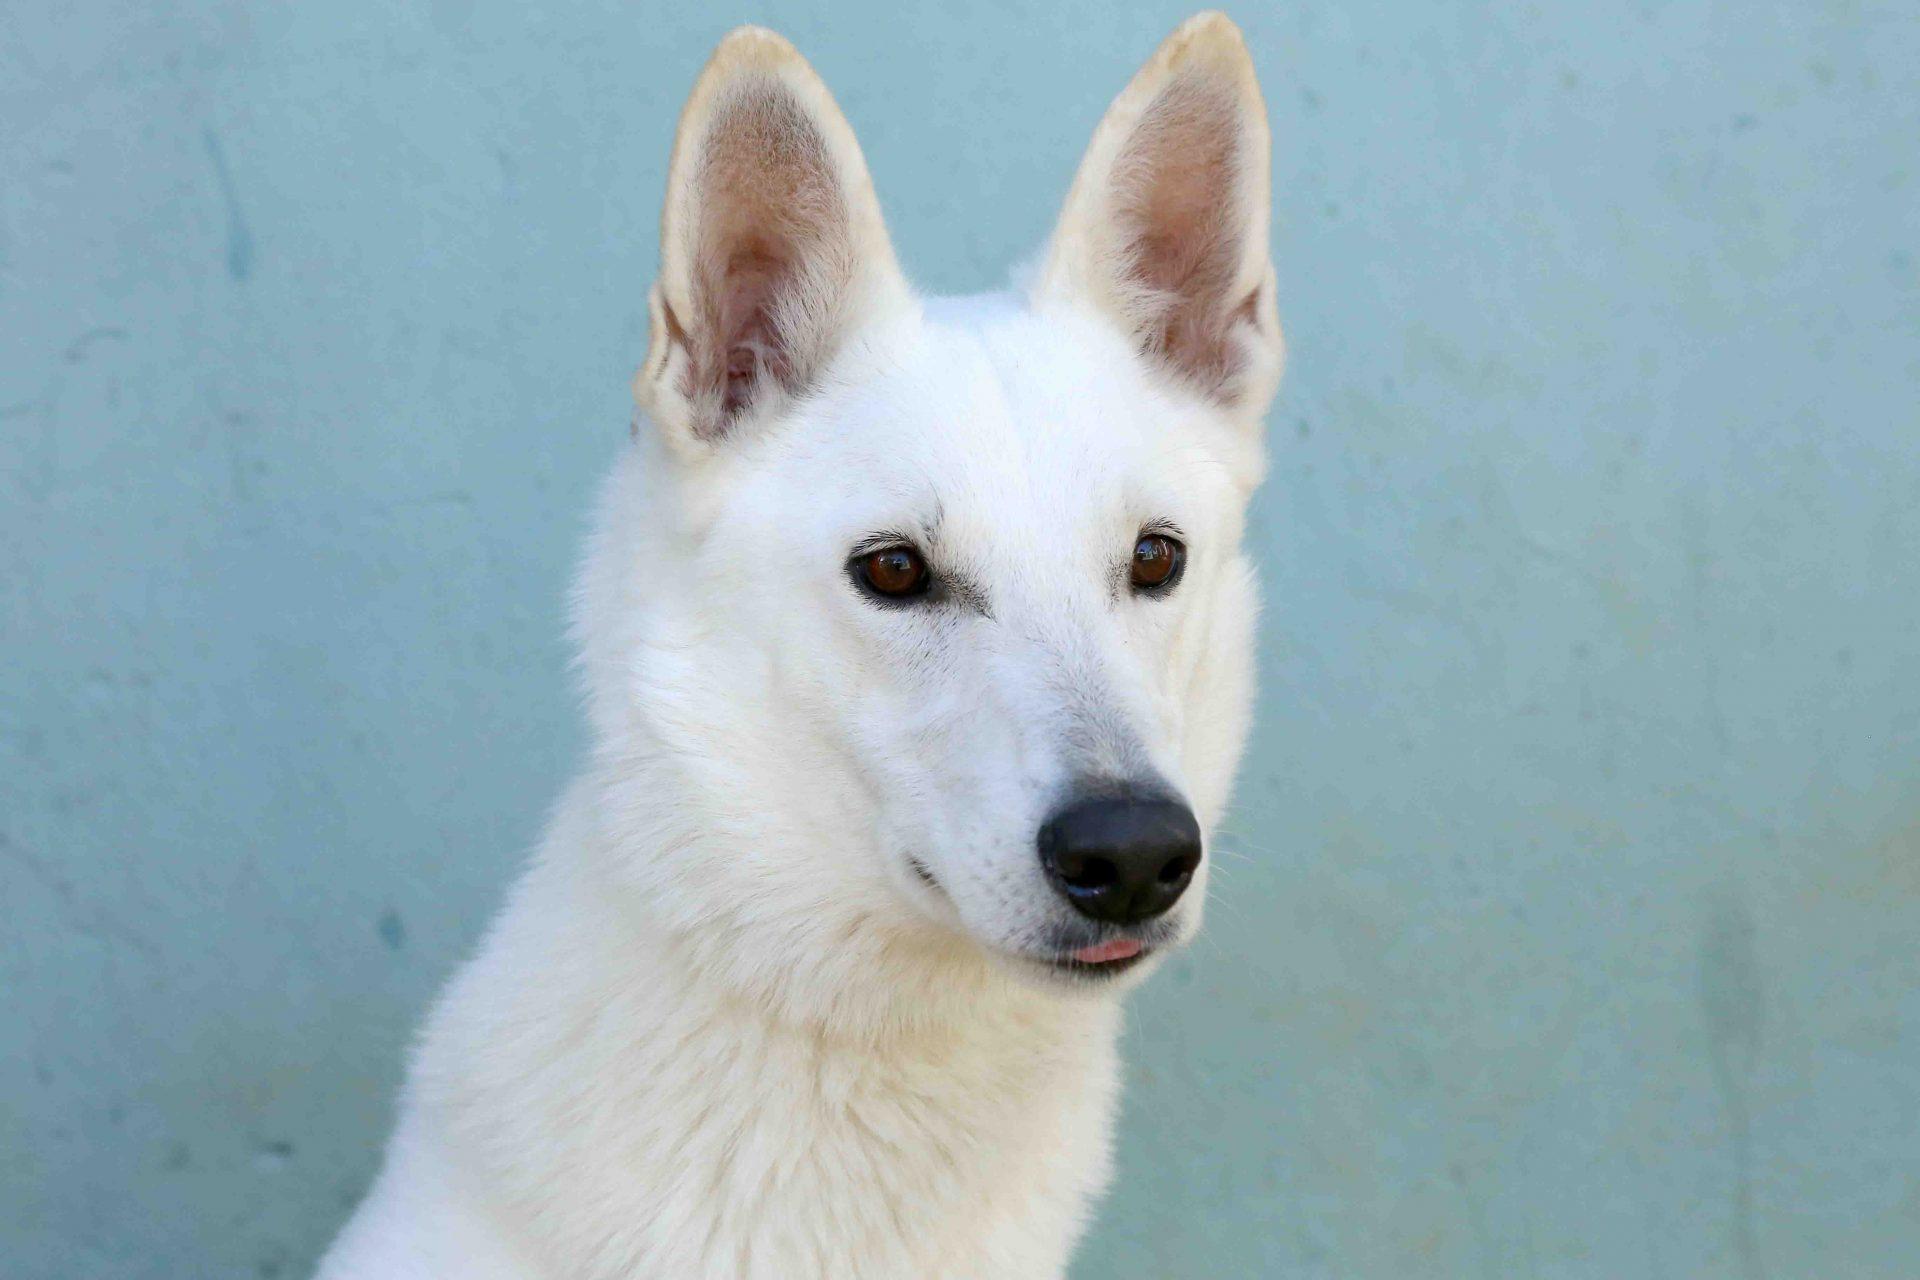 לבנה כלבה לאימוץ אגודת צער בעלי חיים בישראל